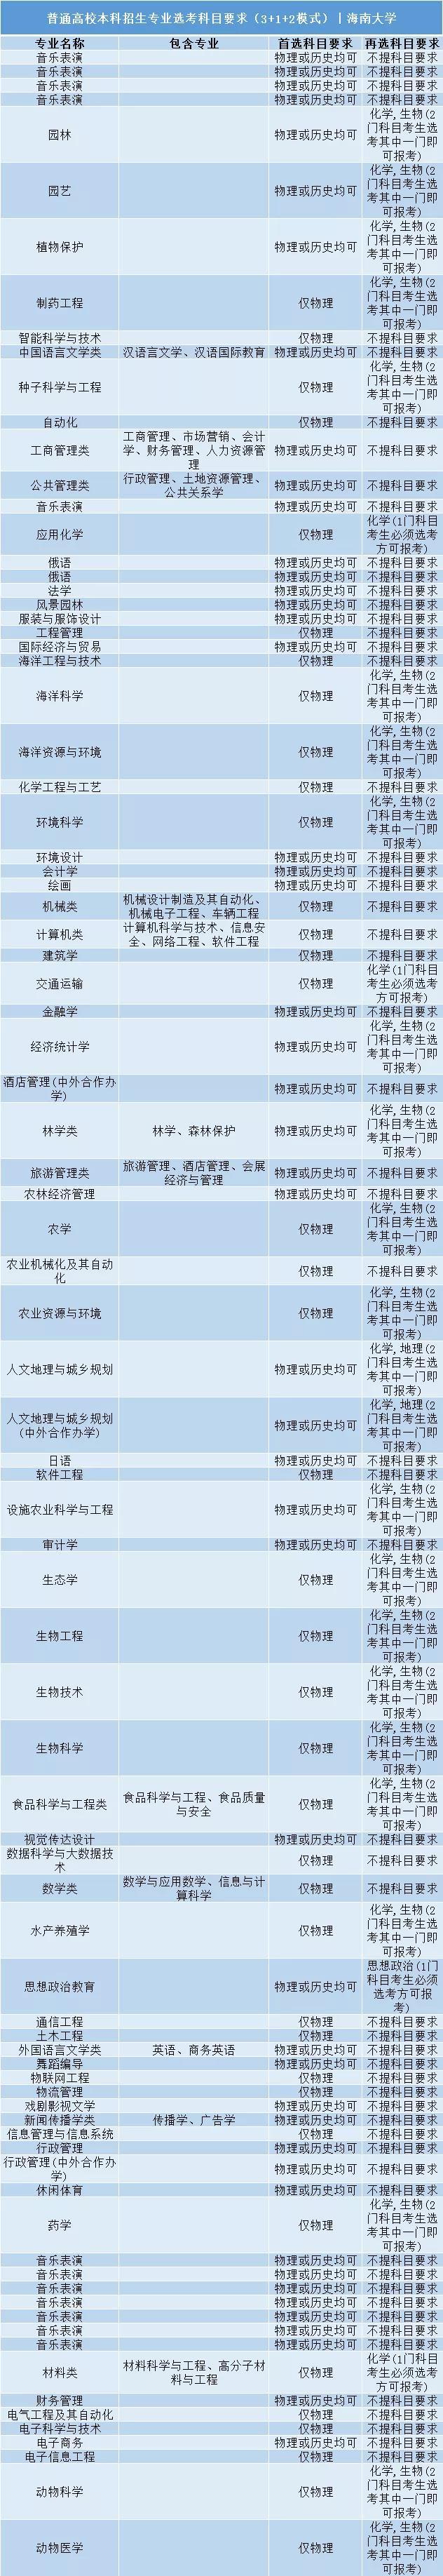 海南大学普通高校本科招生专业选考科目要求3+1+2模式